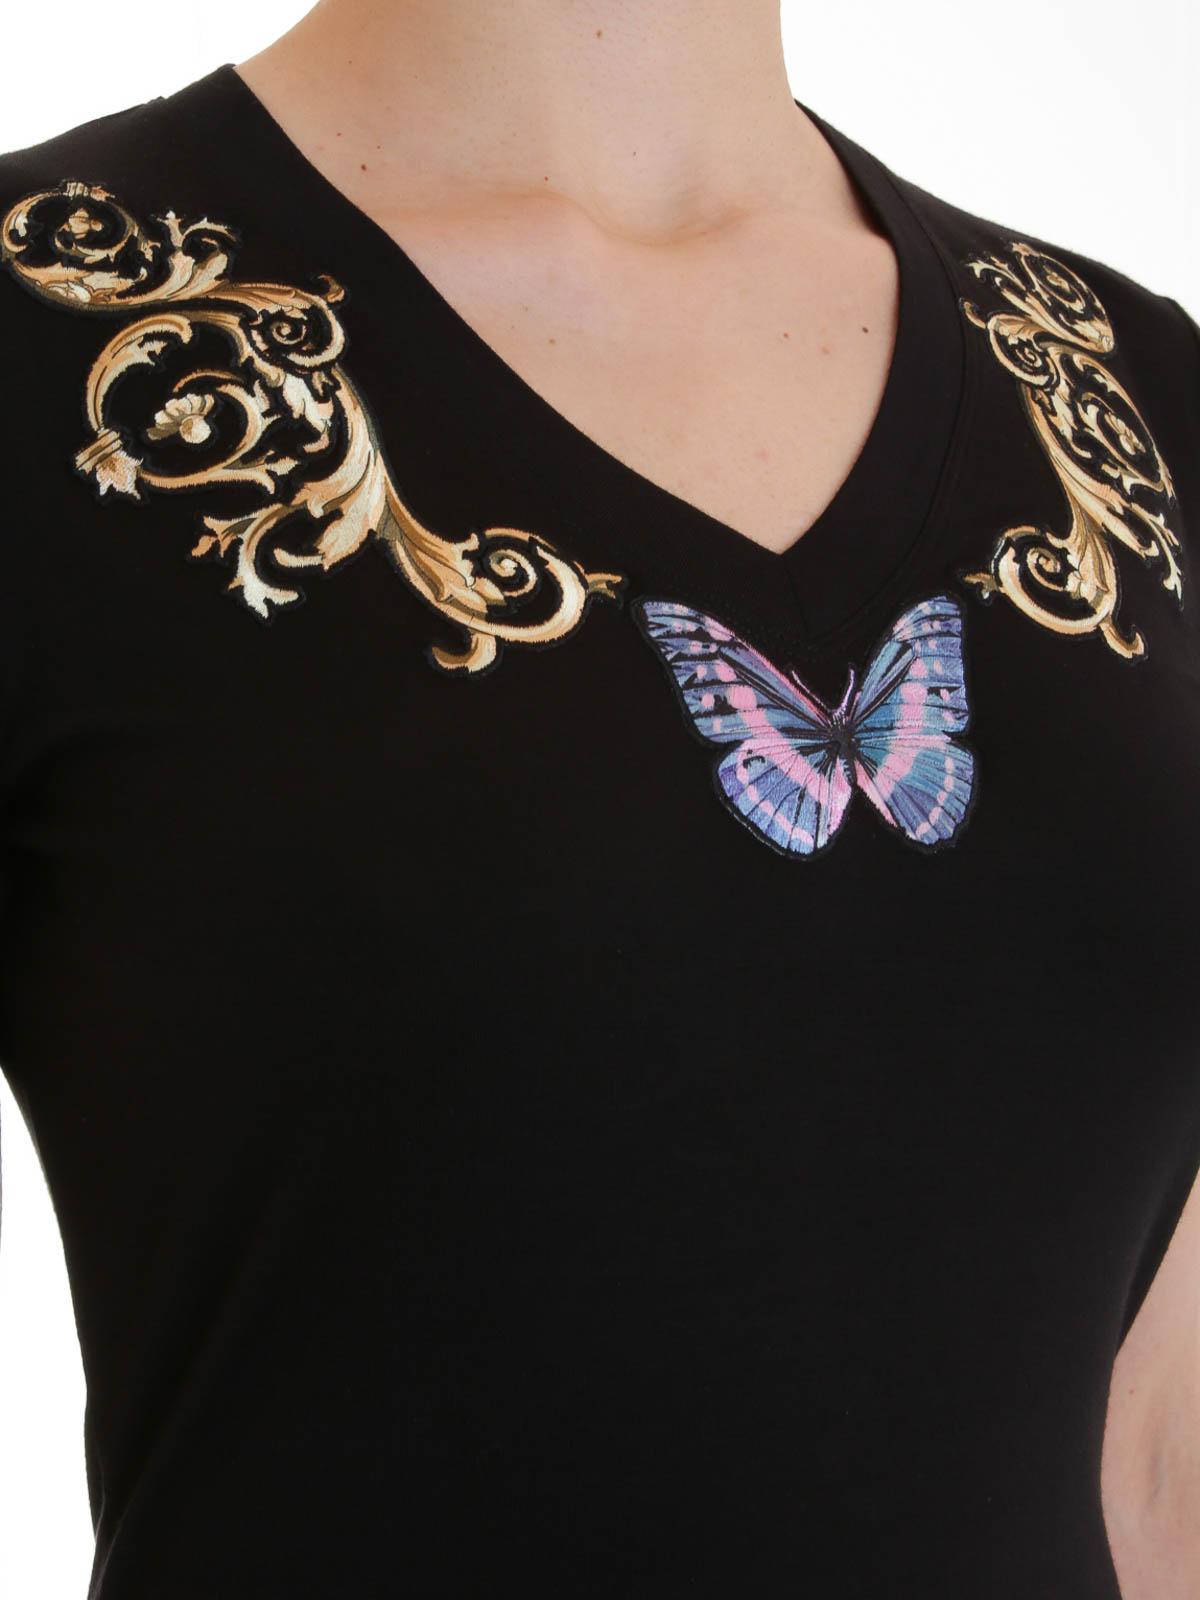 buy versace shirts online